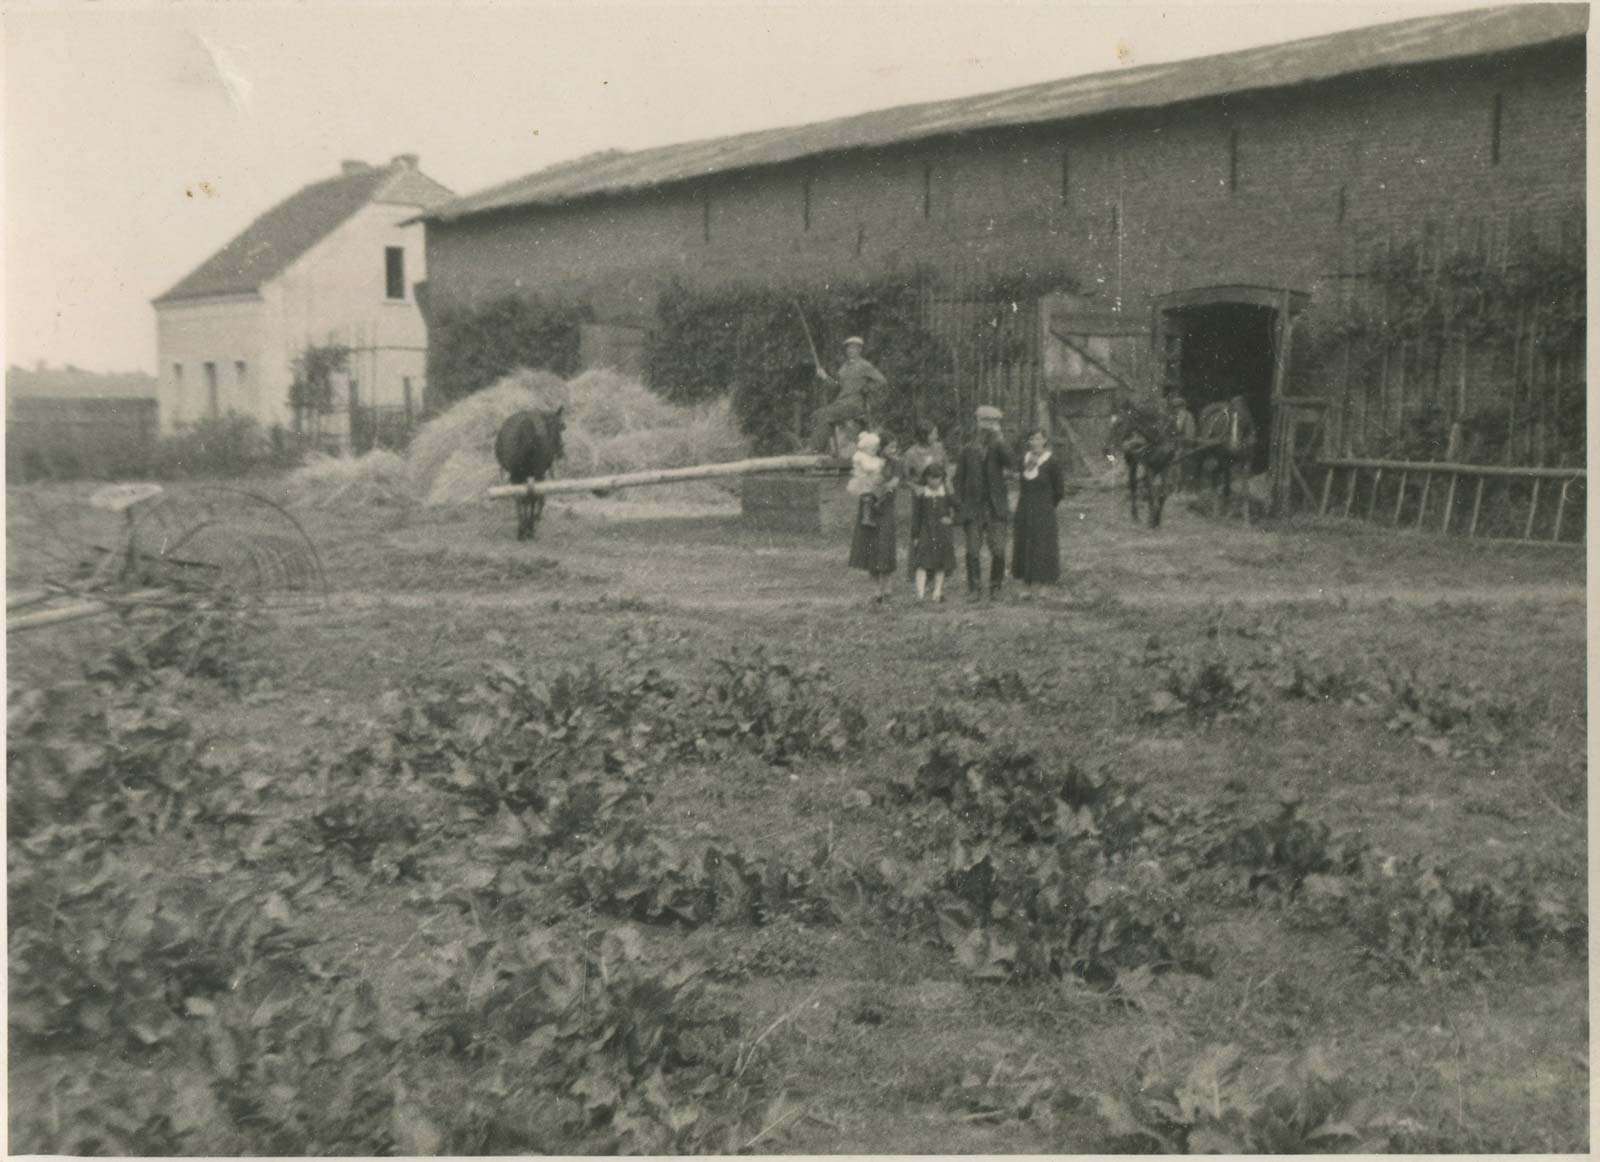 Kórnickie stodoły